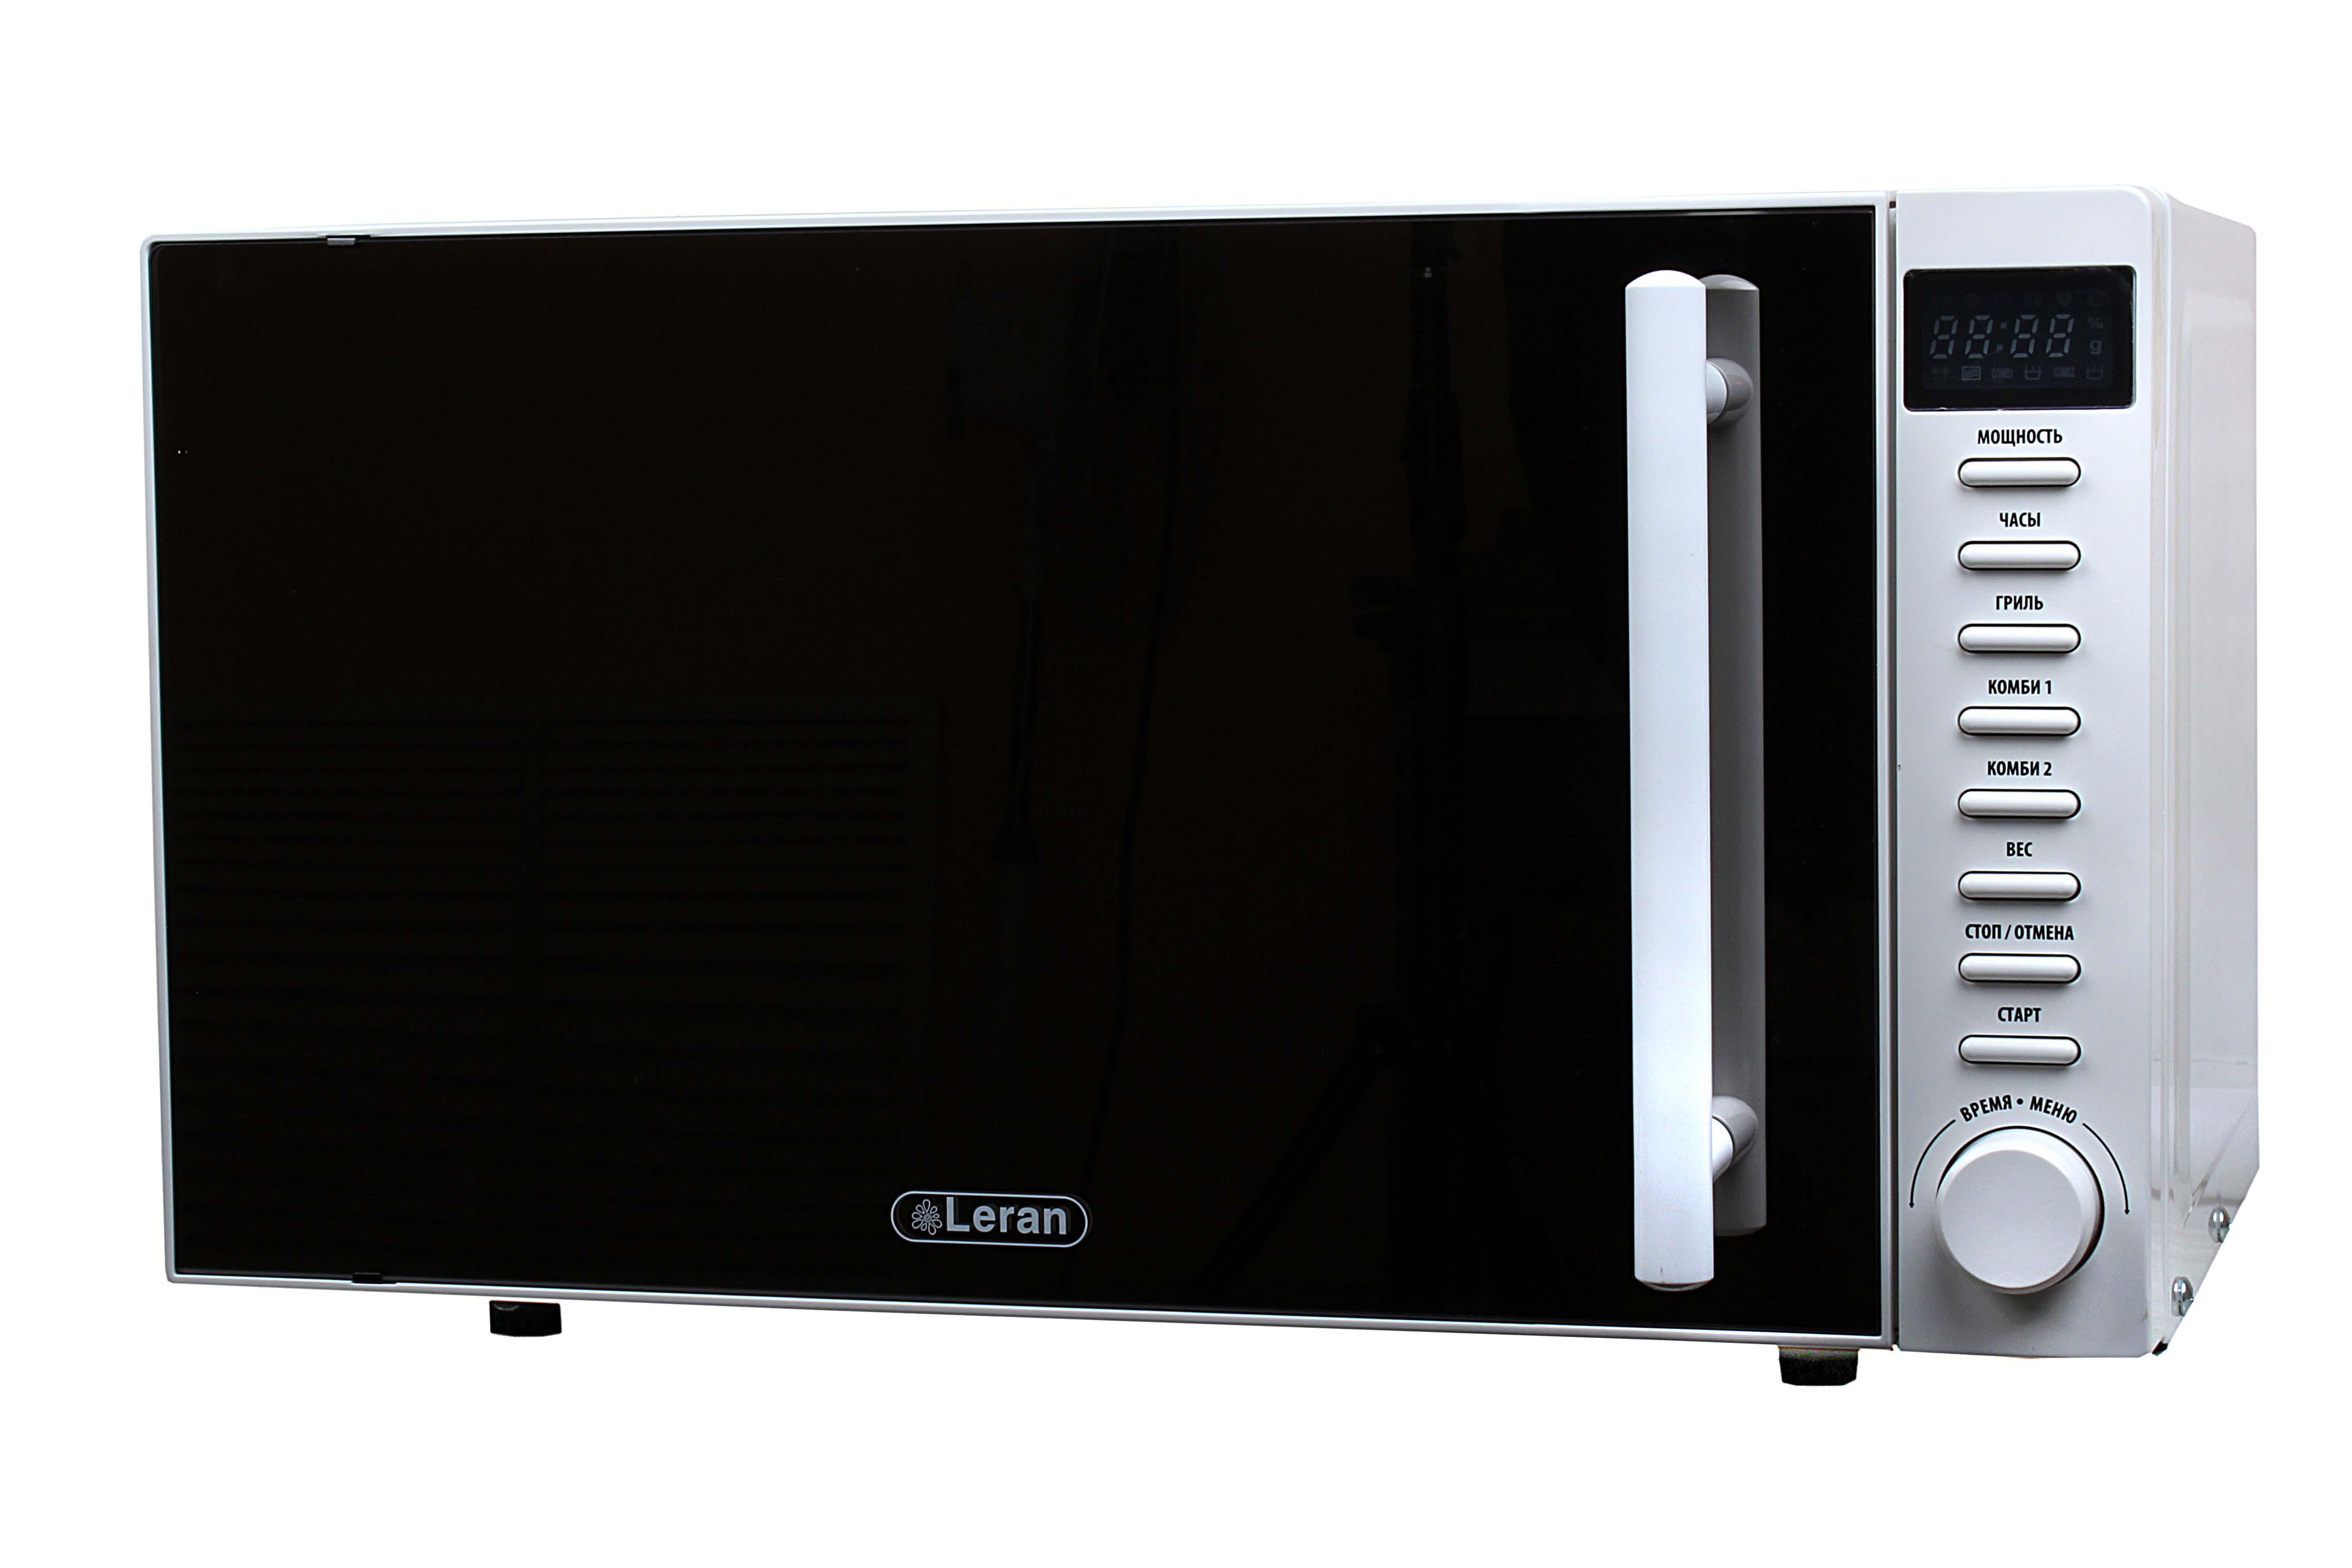 Микроволновая печь Leran Real Brand Technics 4499.000